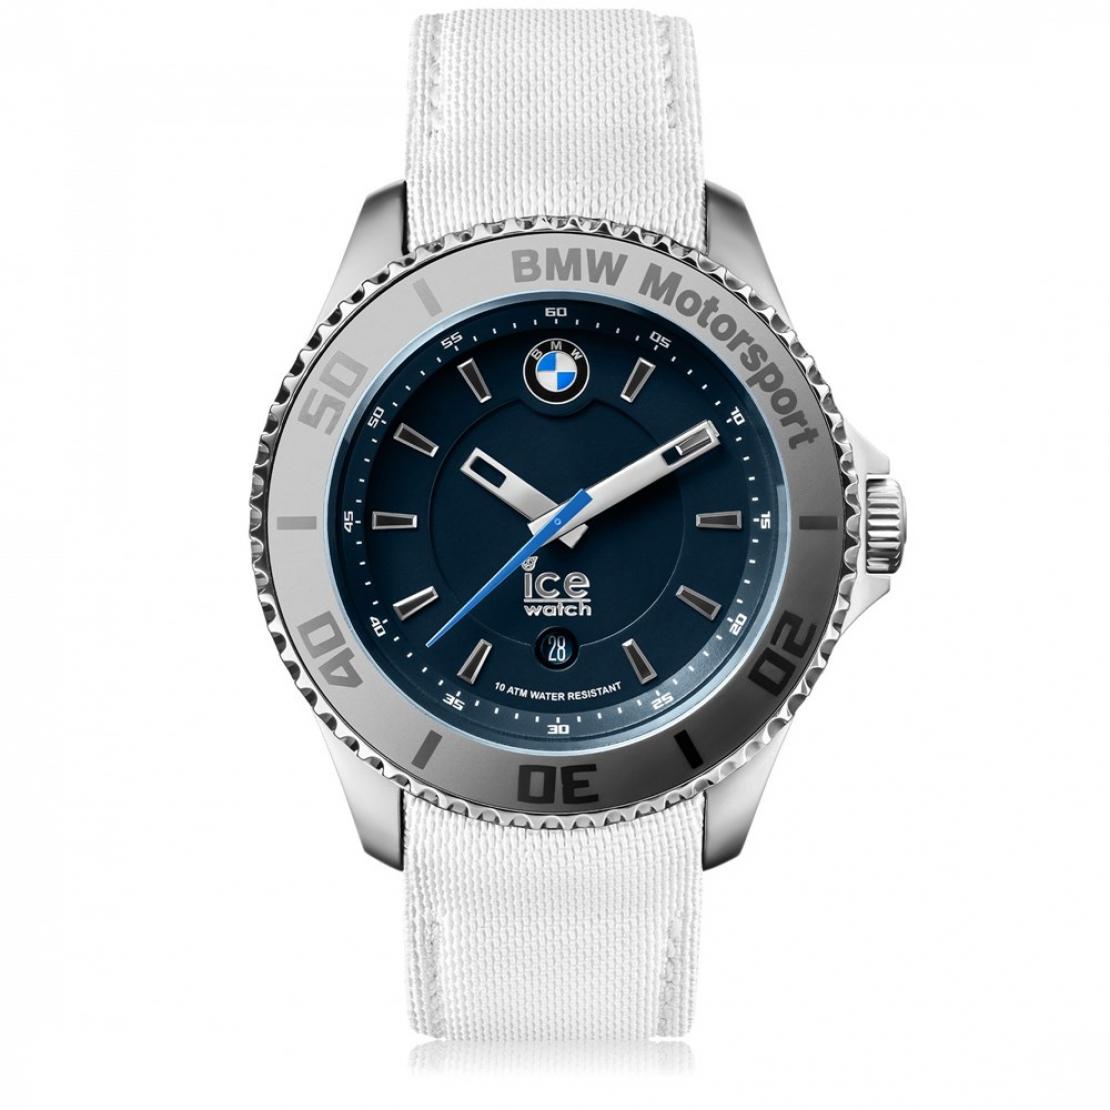 Ice watch bmw motorsport steel wit - Ice watch - Horloges   sieraden ... 0dafc96c12